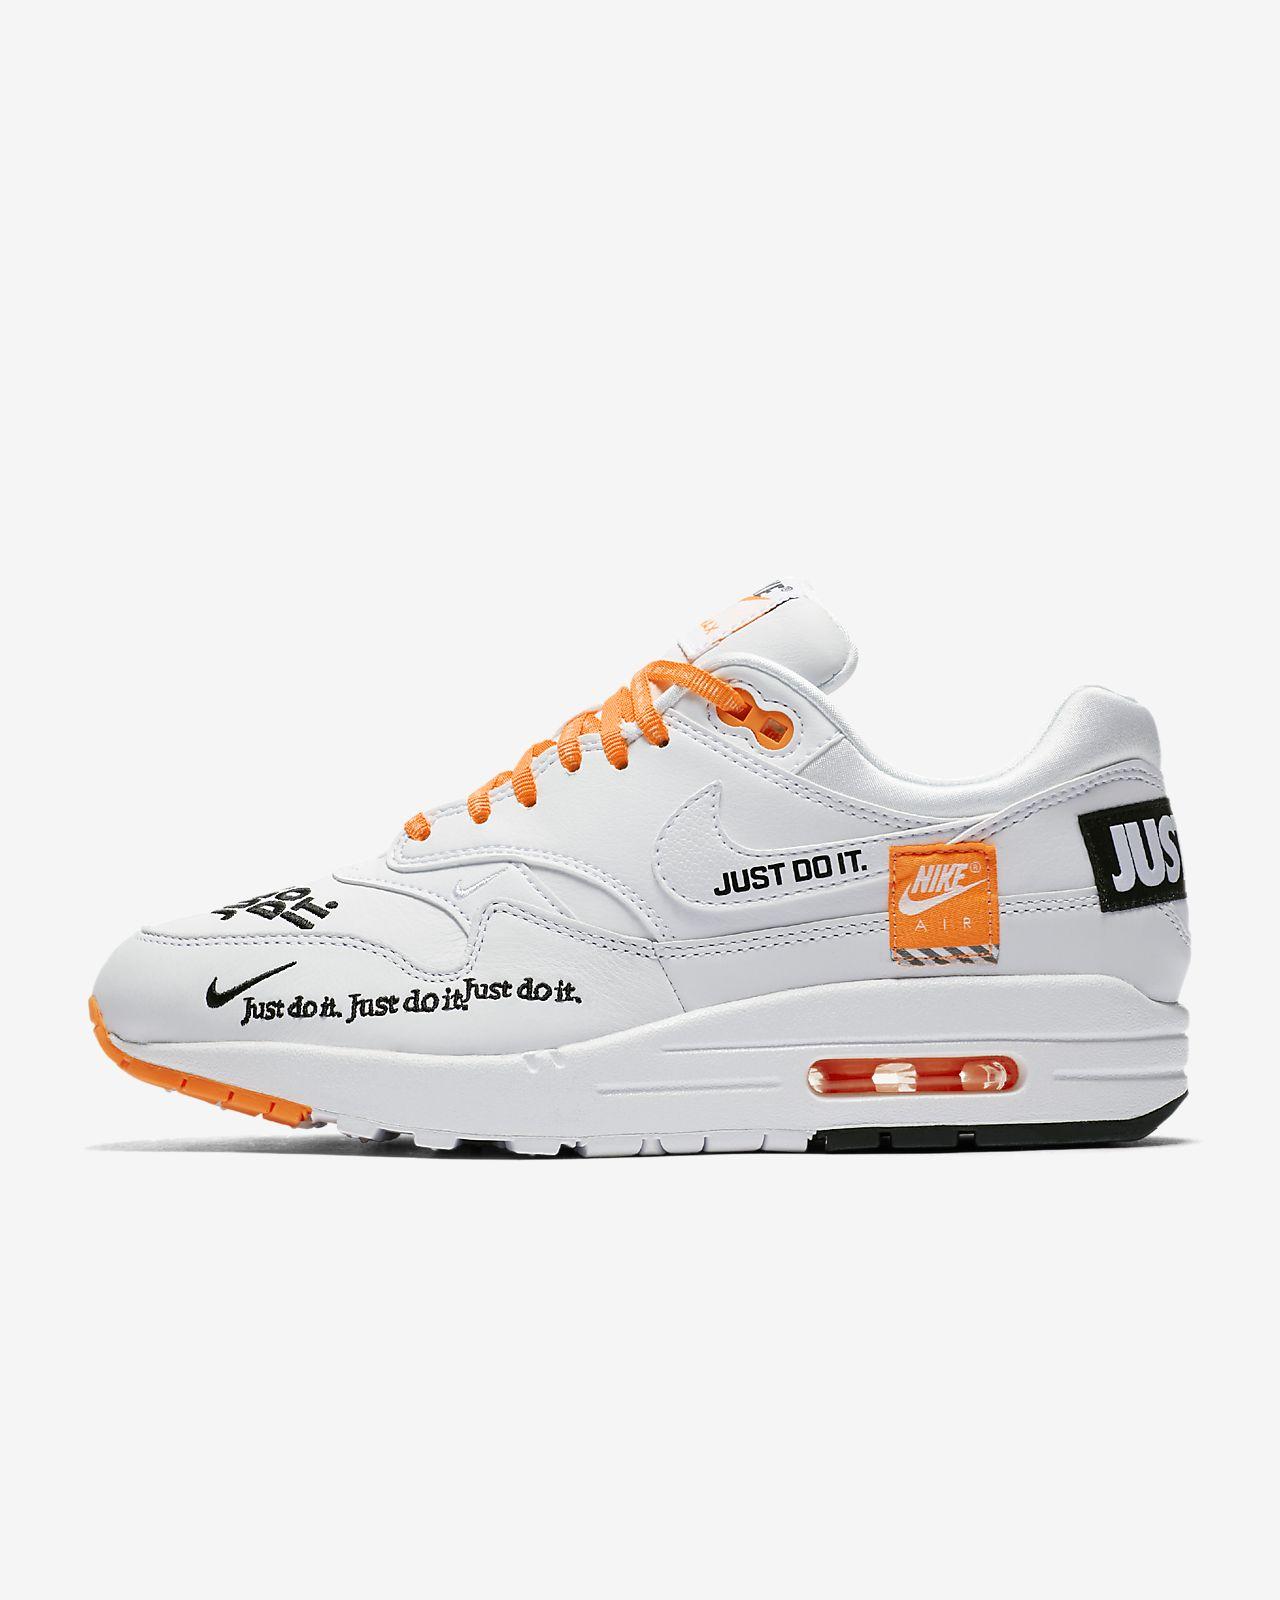 รองเท้าผู้หญิง Nike Air Max 1 LX